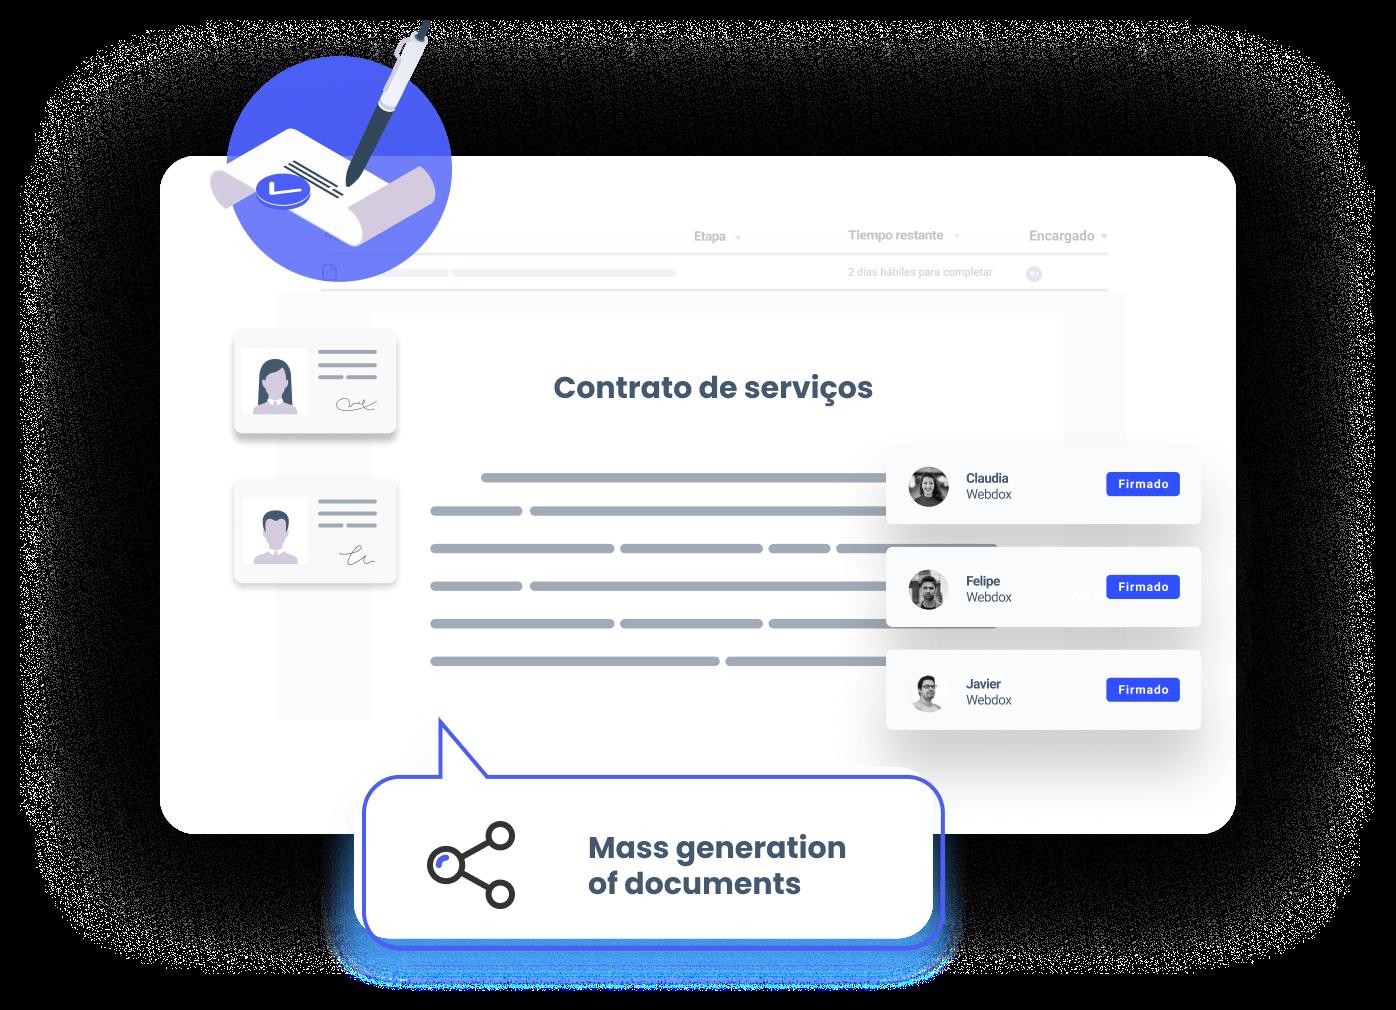 webdox-contratos-digitales-contrato-servicos